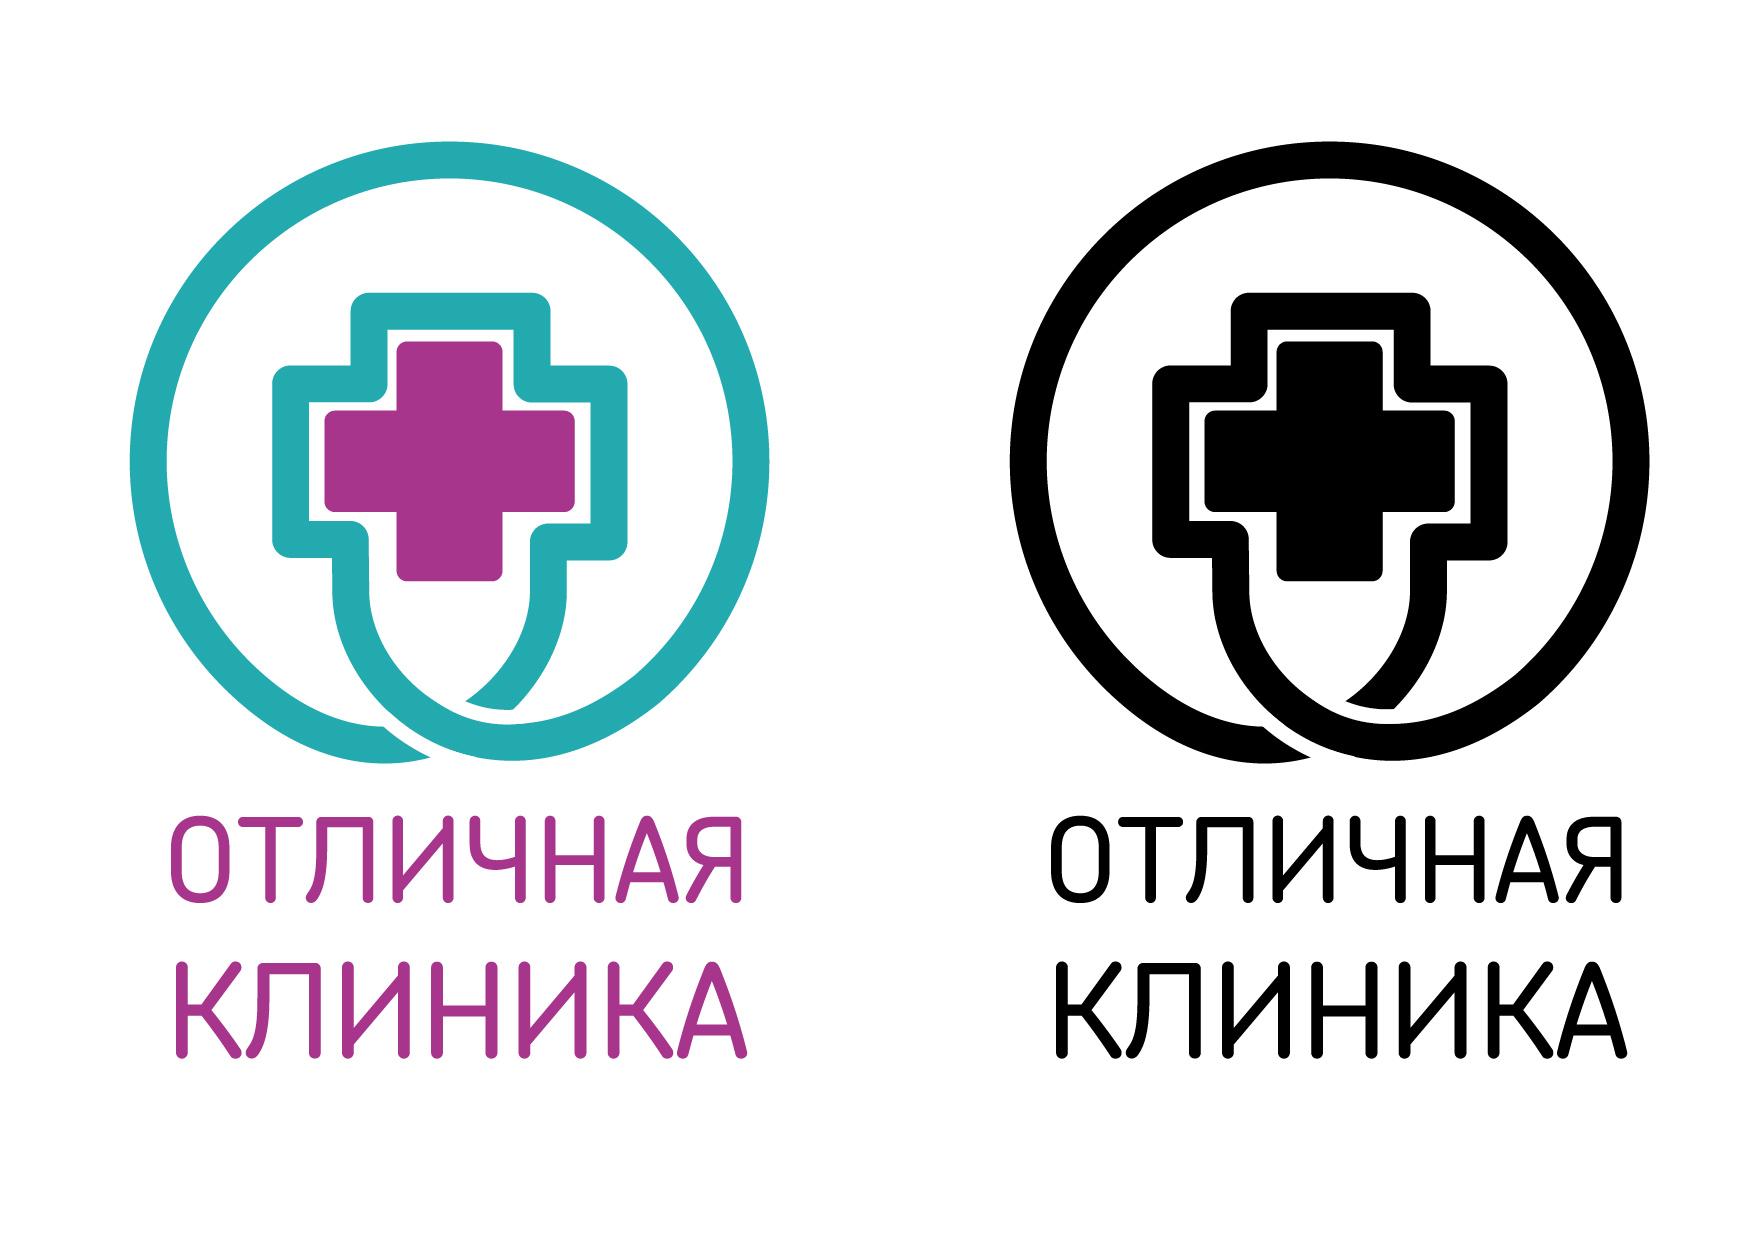 Логотип и фирменный стиль частной клиники фото f_8345c926d9b3a496.jpg